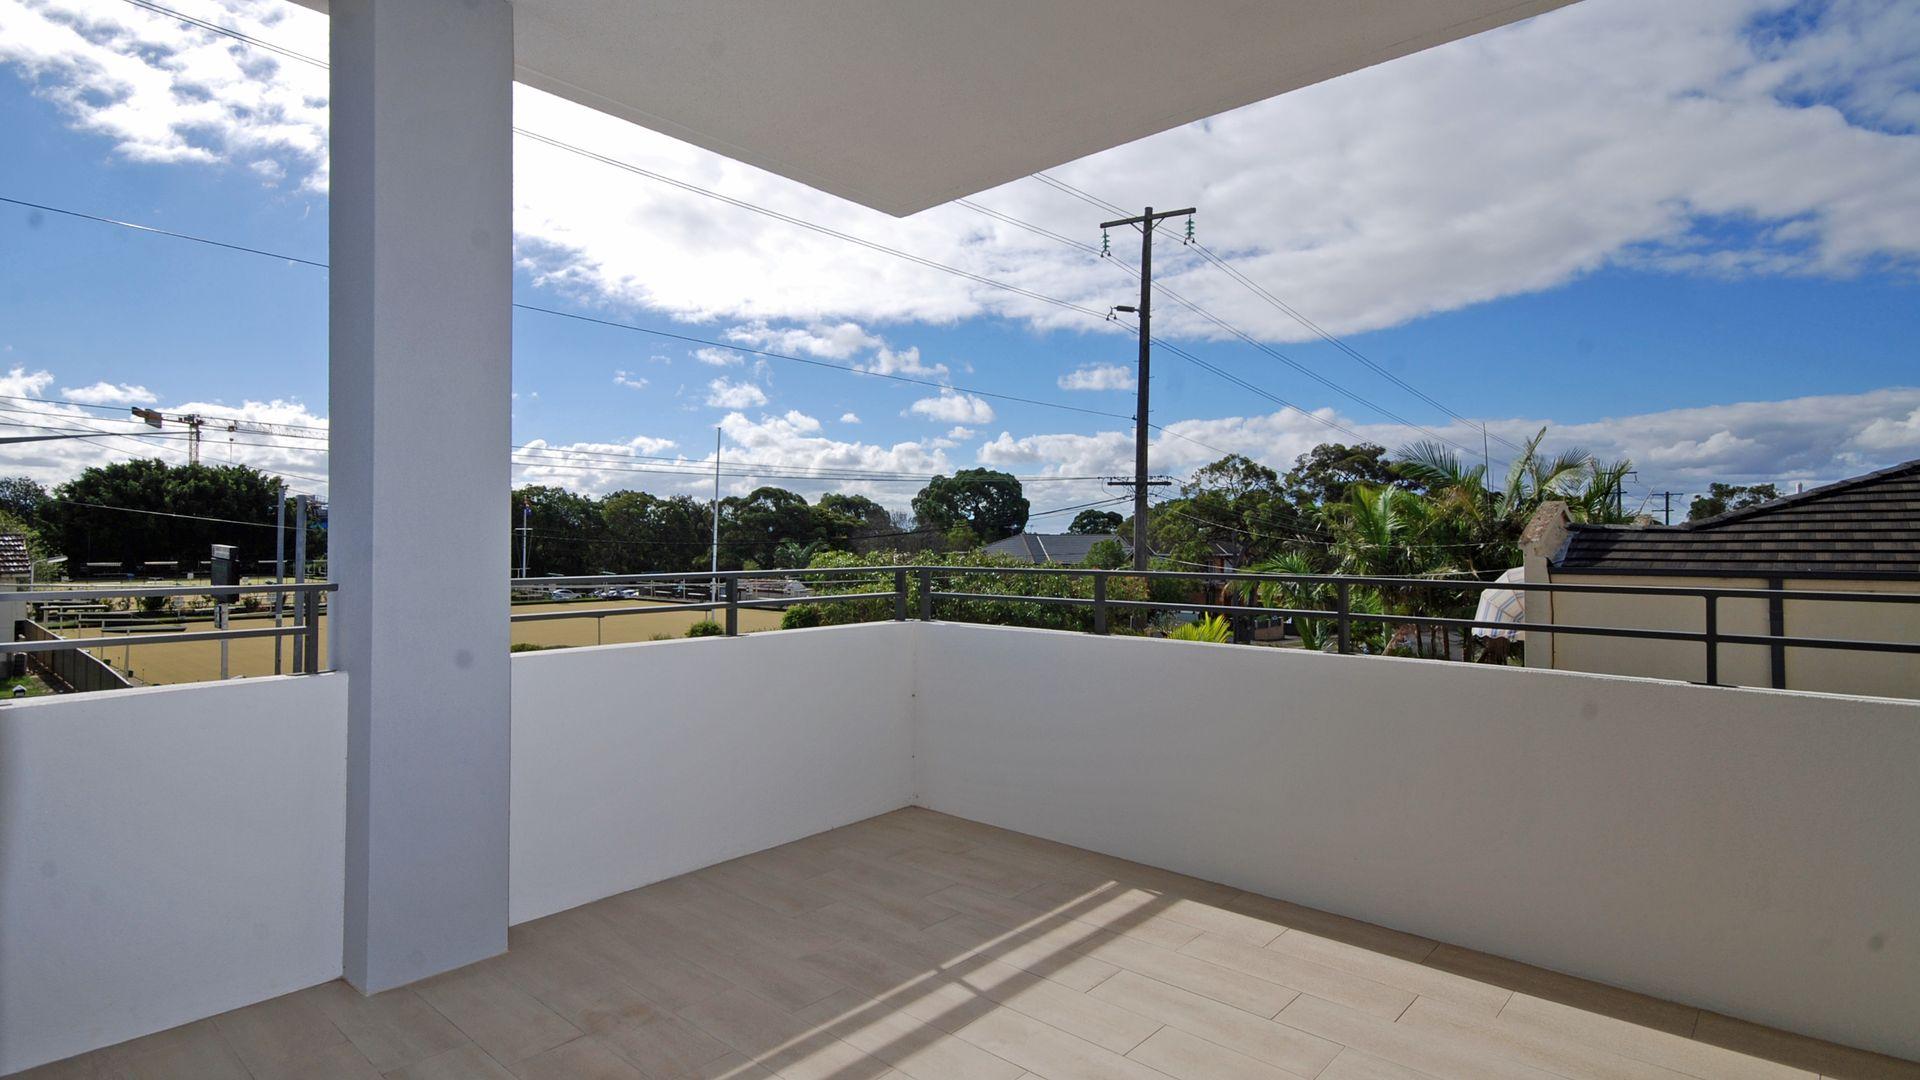 128 - 136 Willarong Road, Caringbah NSW 2229, Image 2